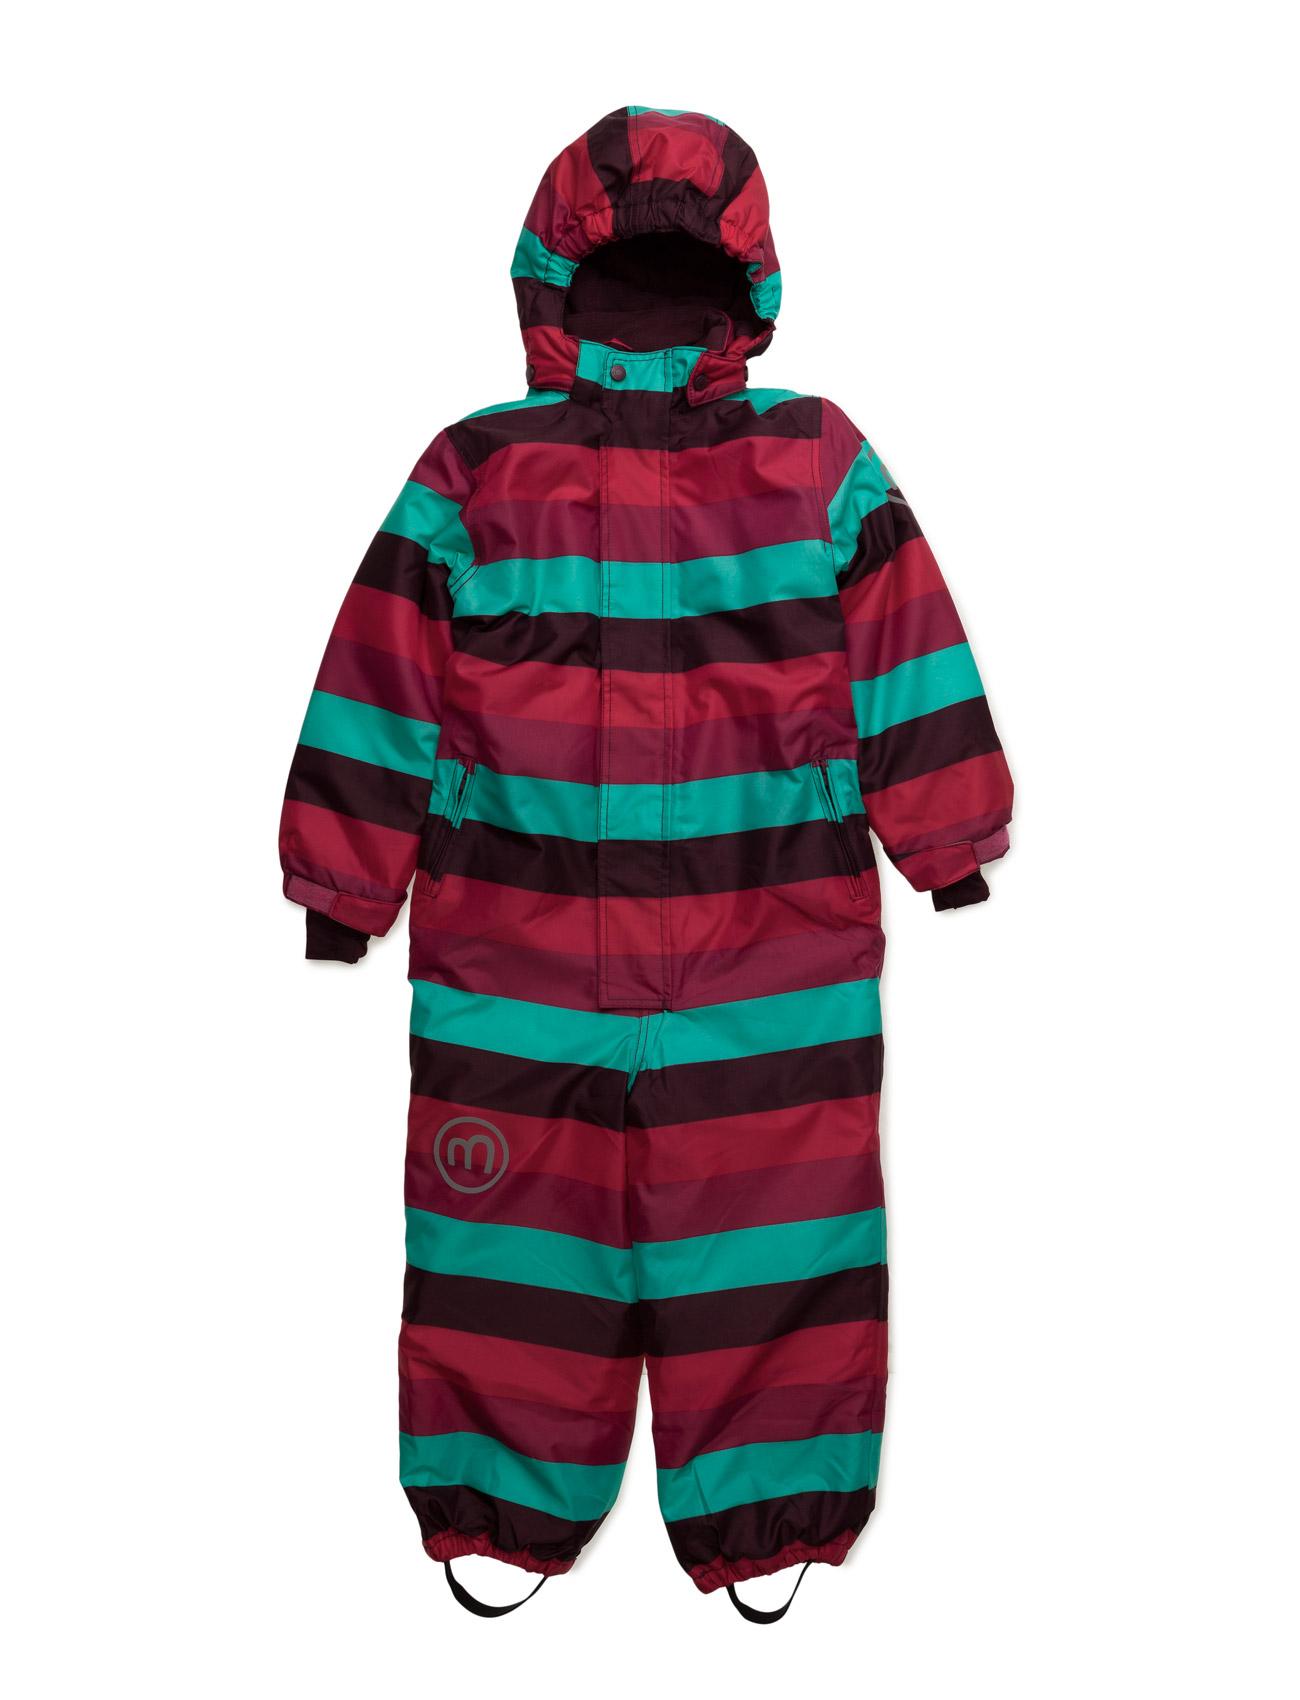 Gam 17 -Snow Suit -Aop Minymo Overalls til Børn i